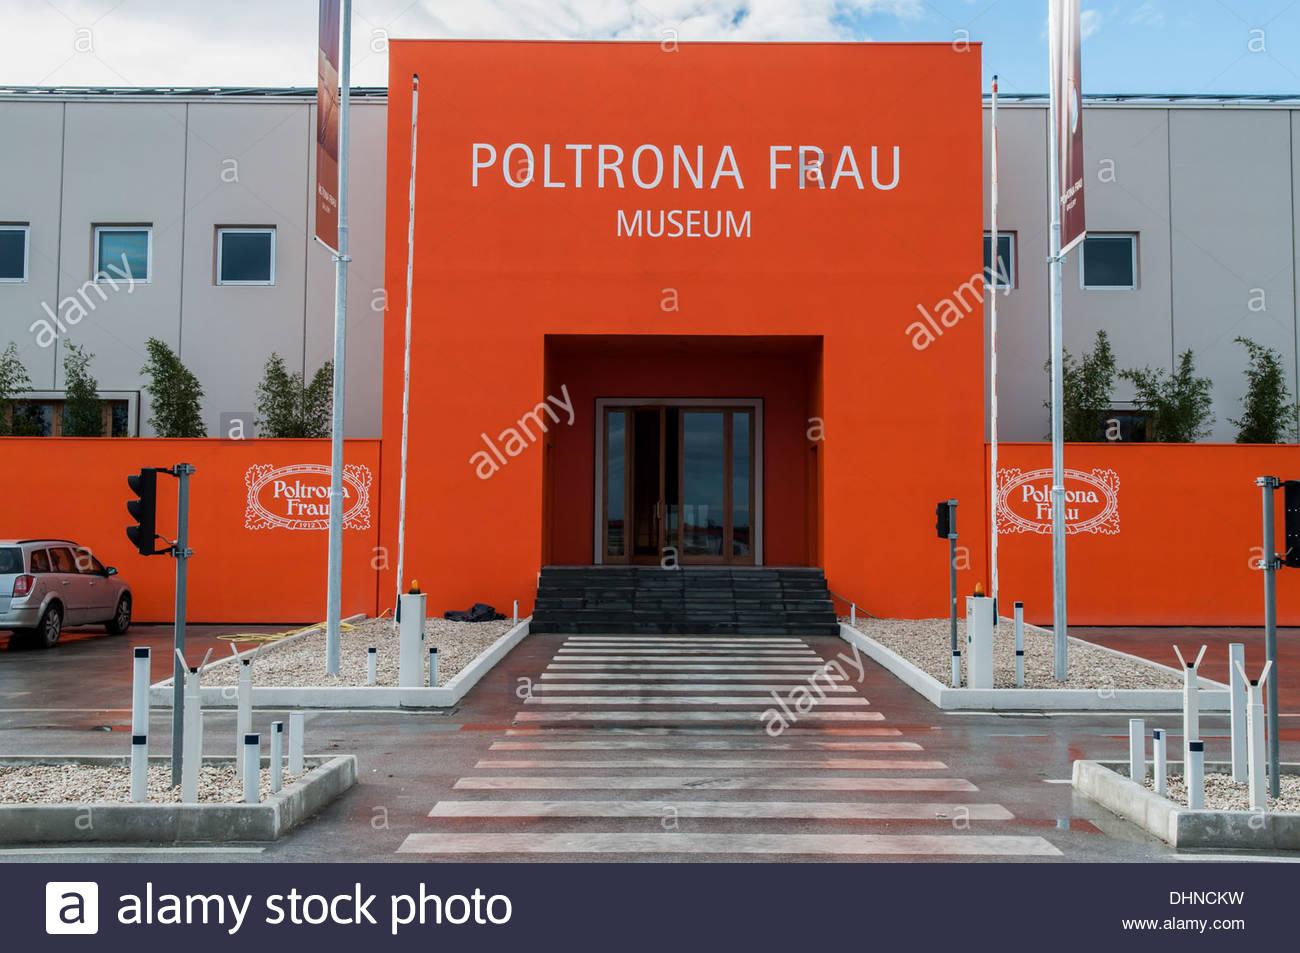 Poltrona frau museum tolentino marche italy stock photo